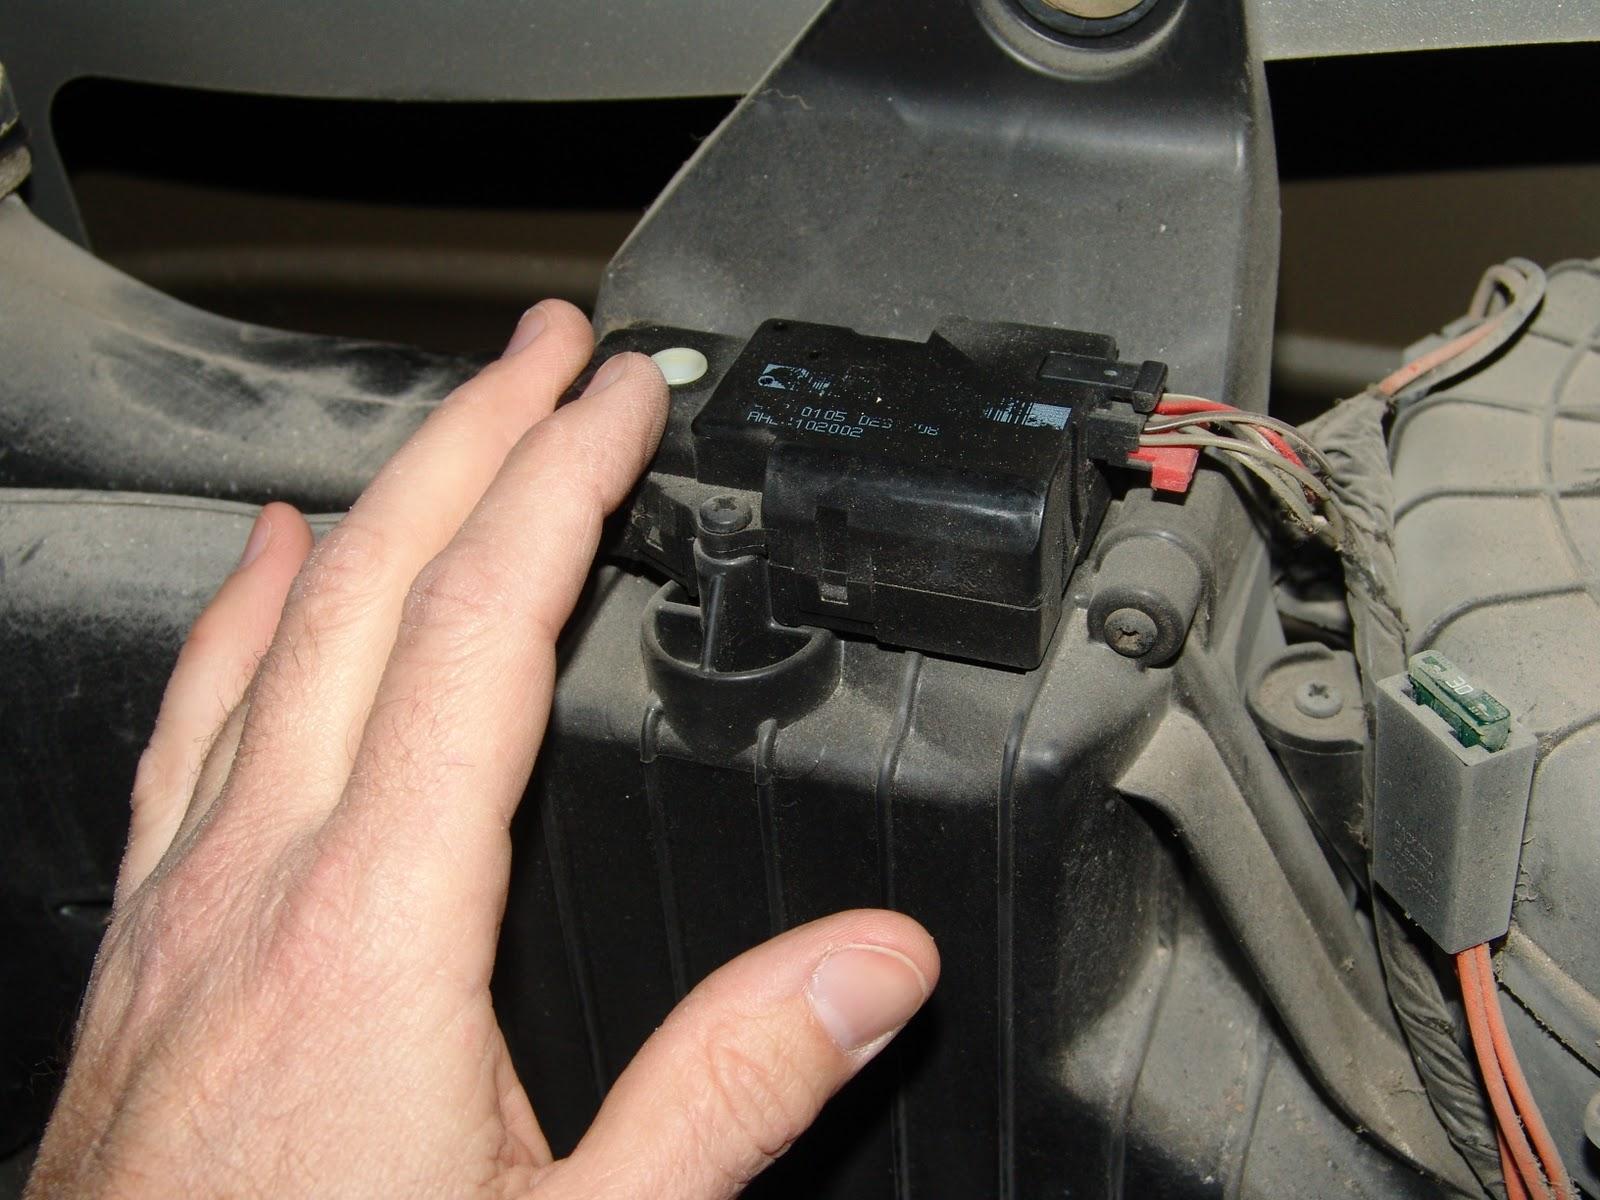 2003 Chevrolet Trailblazer Clicking Sound From Rear Hvac Unit